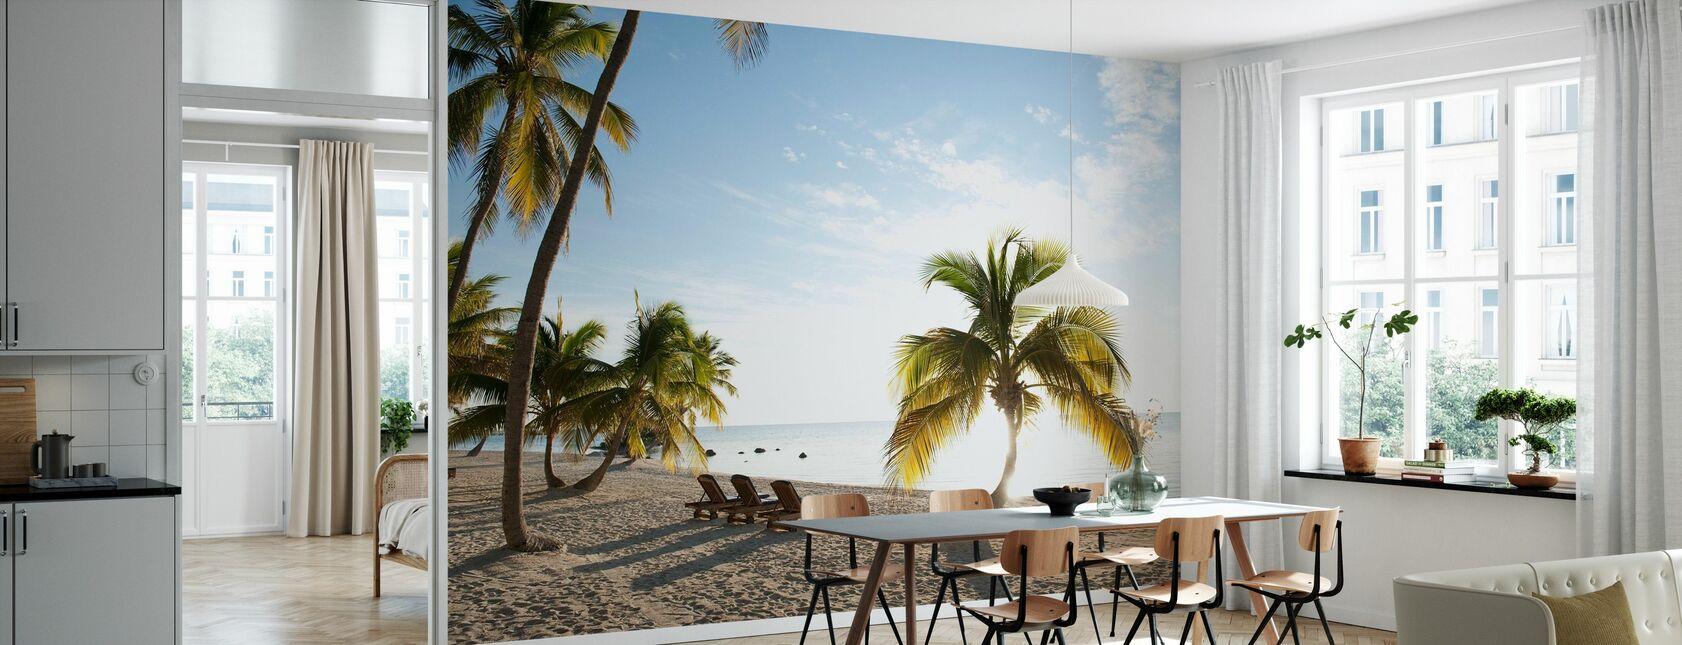 Beach in Islamorada in Florida Keys, Yhdysvallat - Tapetti - Keittiö